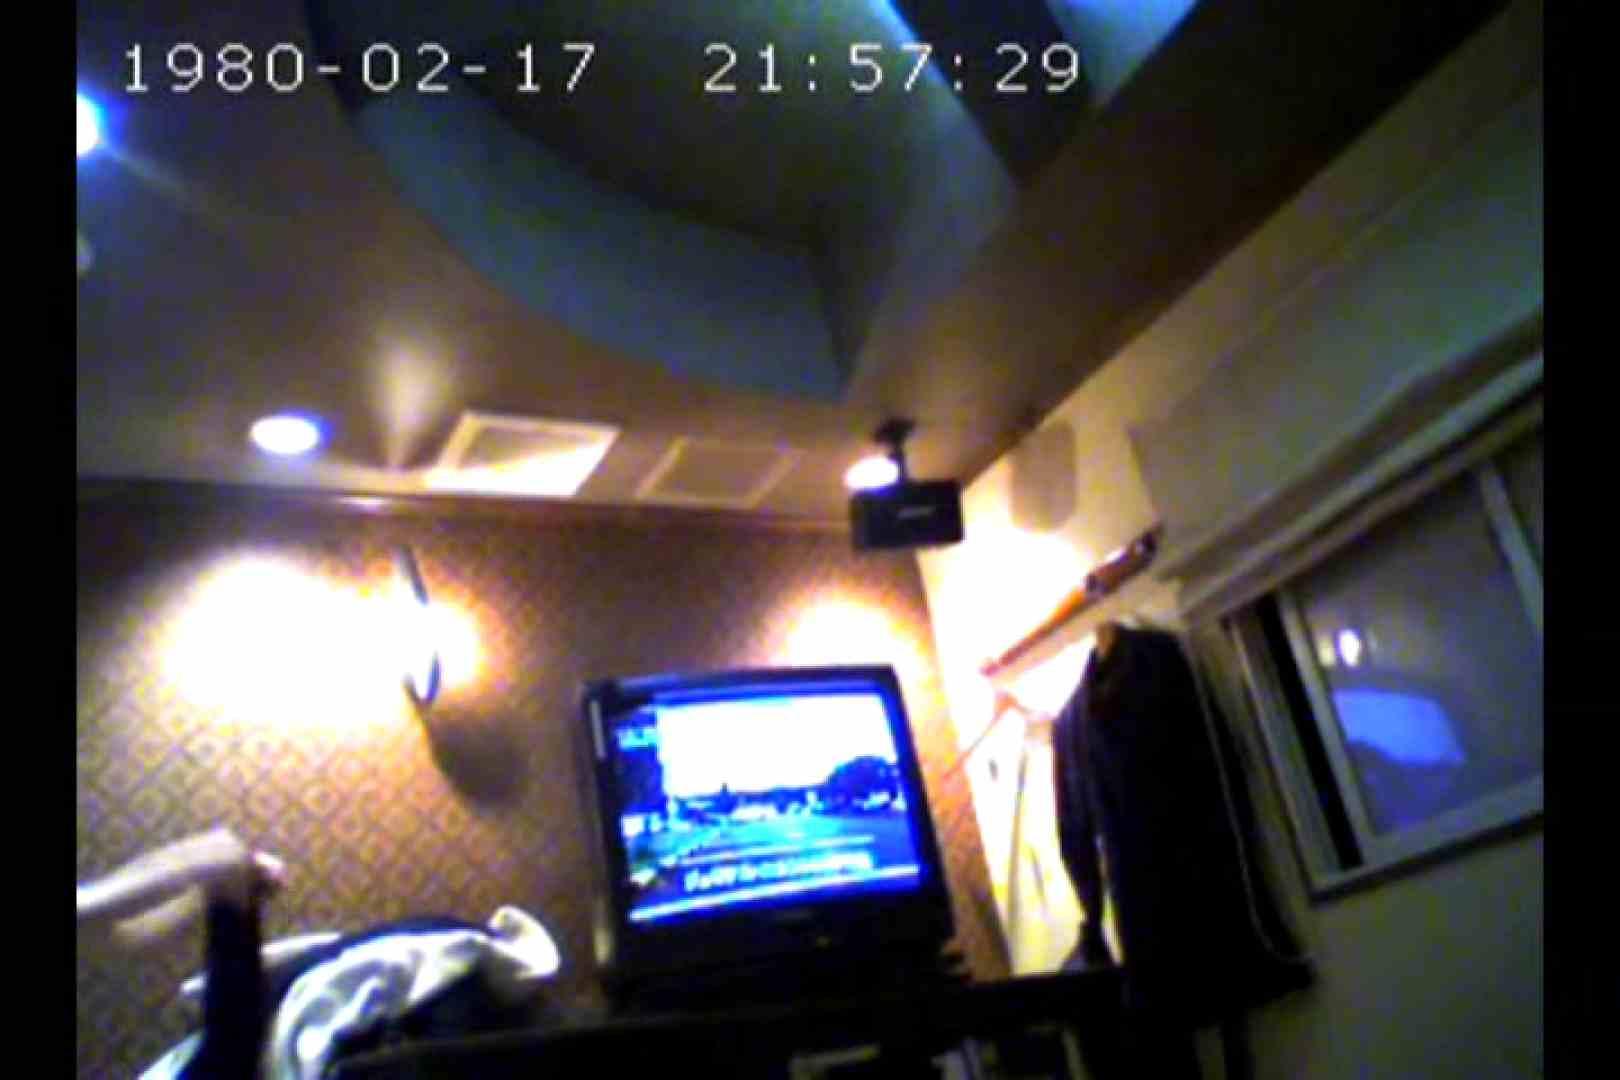 ハメられた女達 vol.04 ラブホテル 盗撮アダルト動画キャプチャ 110画像 41